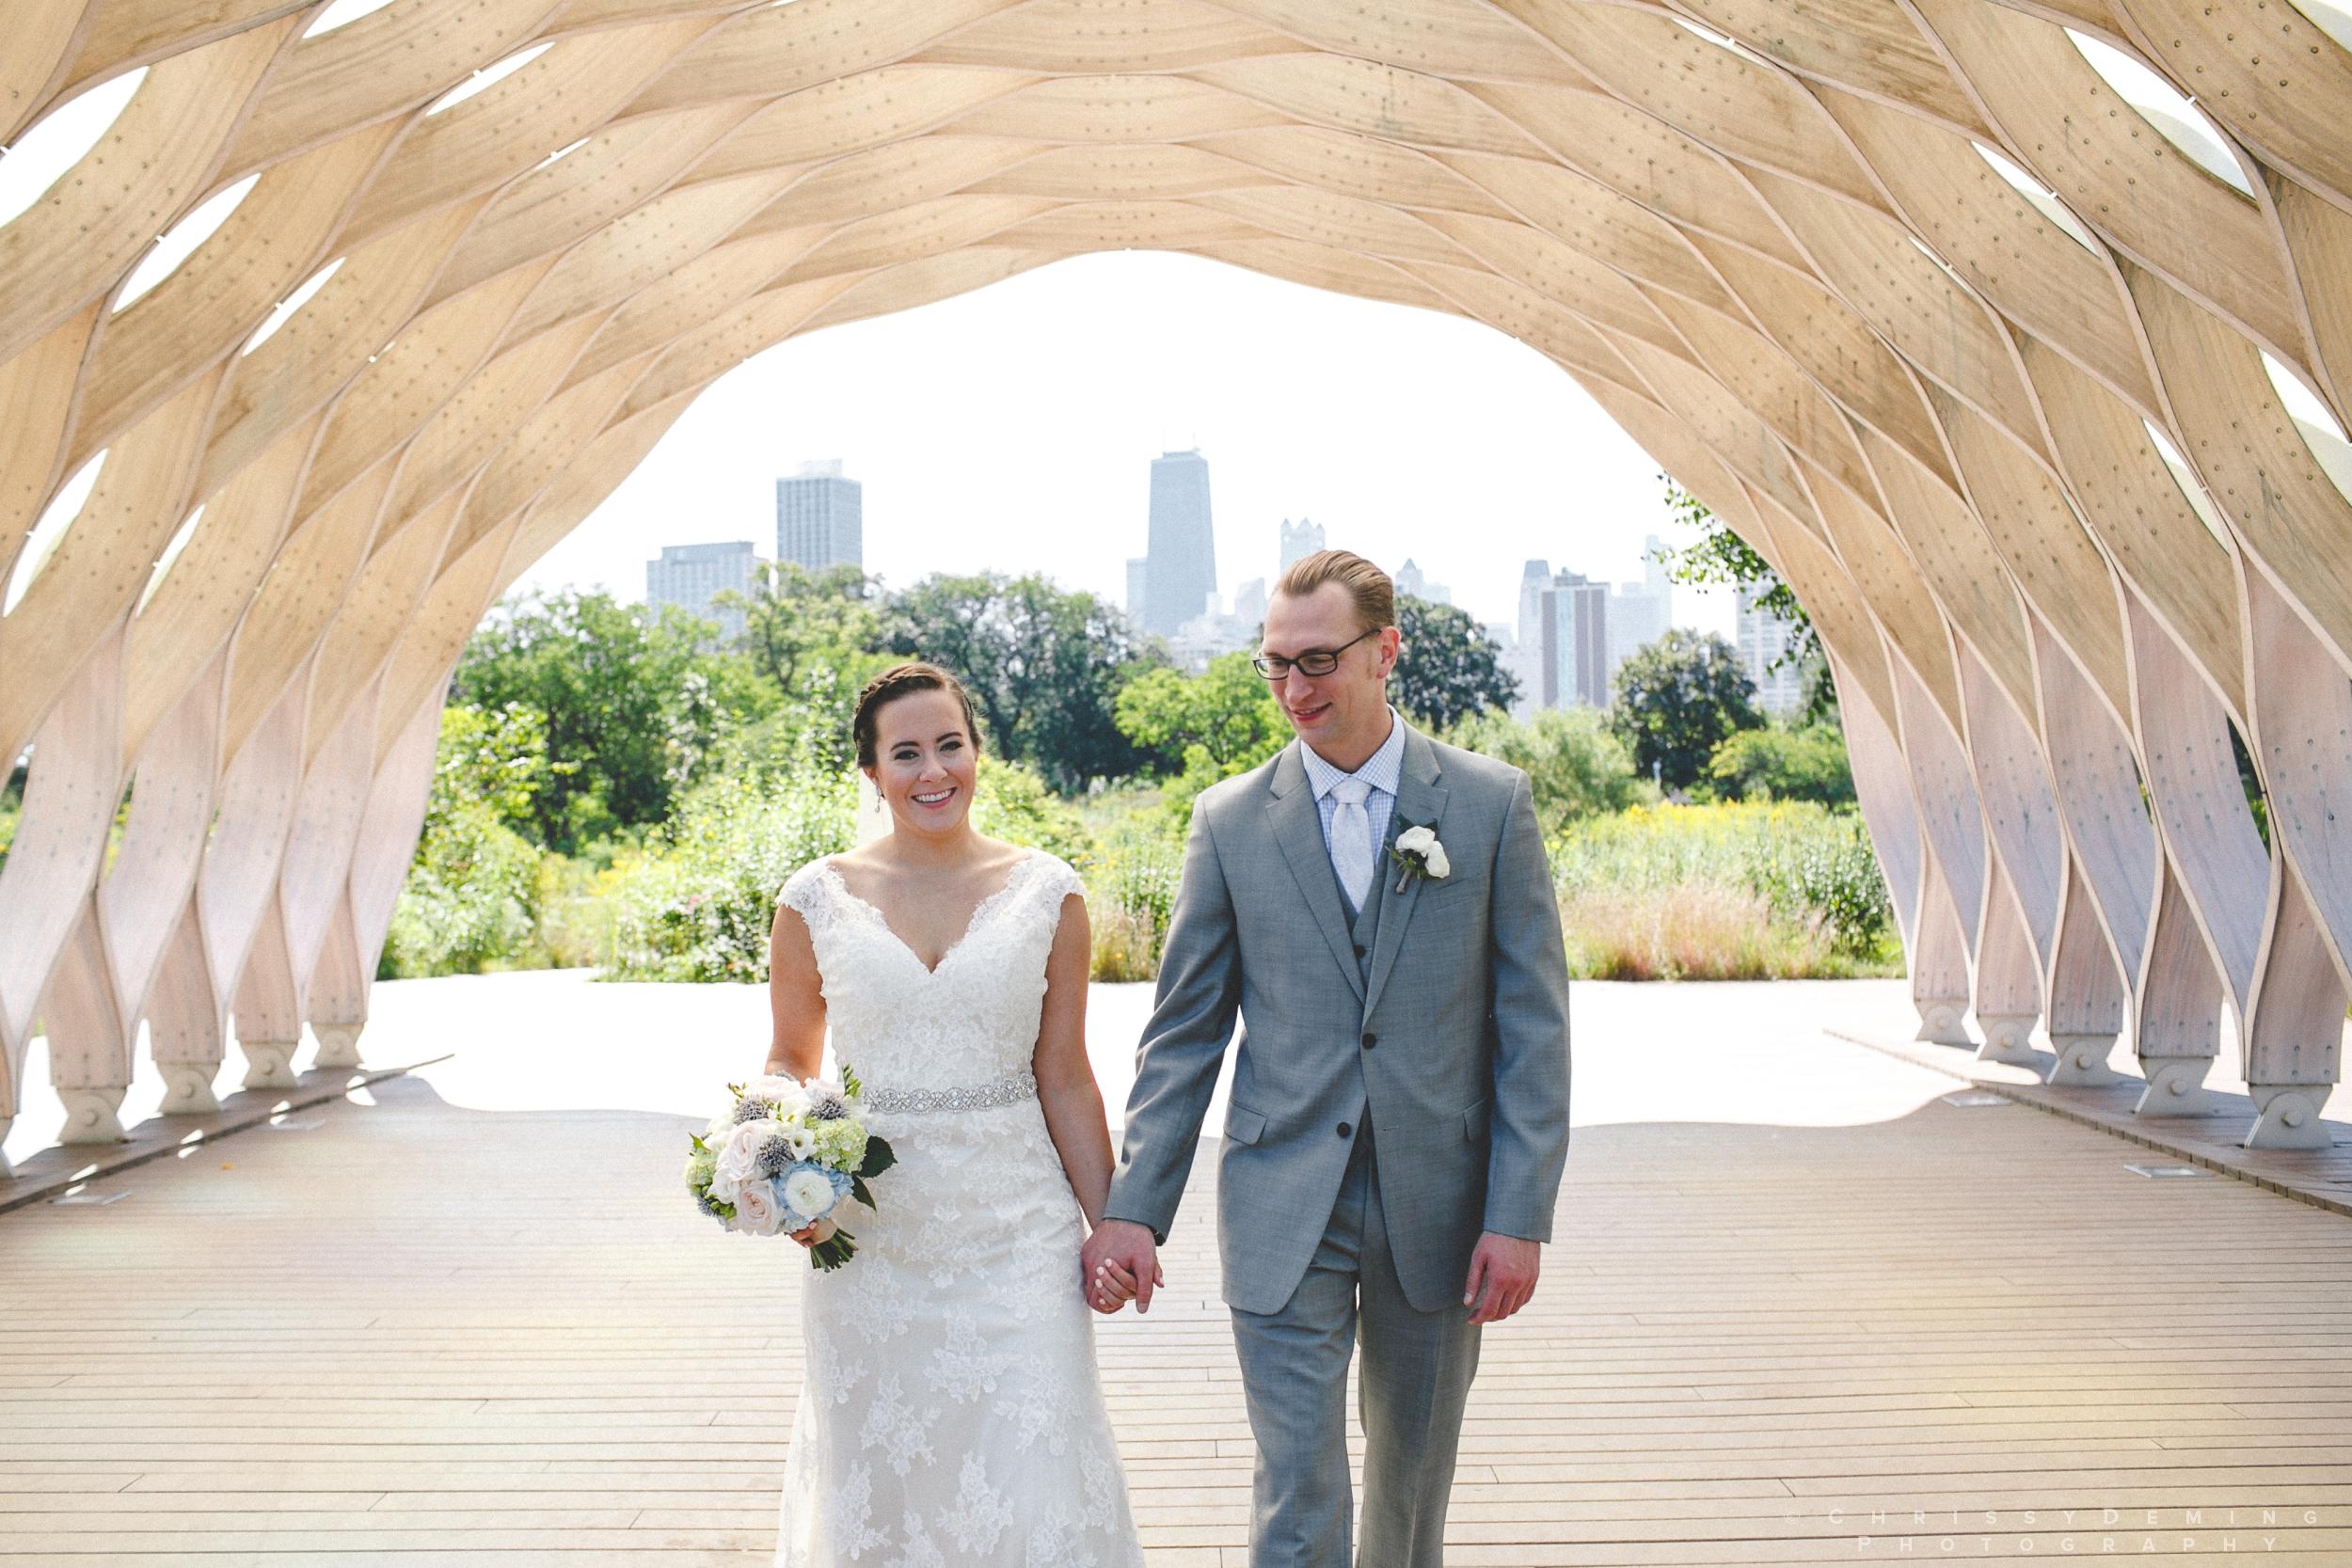 salvatores_chicago_ wedding_photographer_0034.jpg